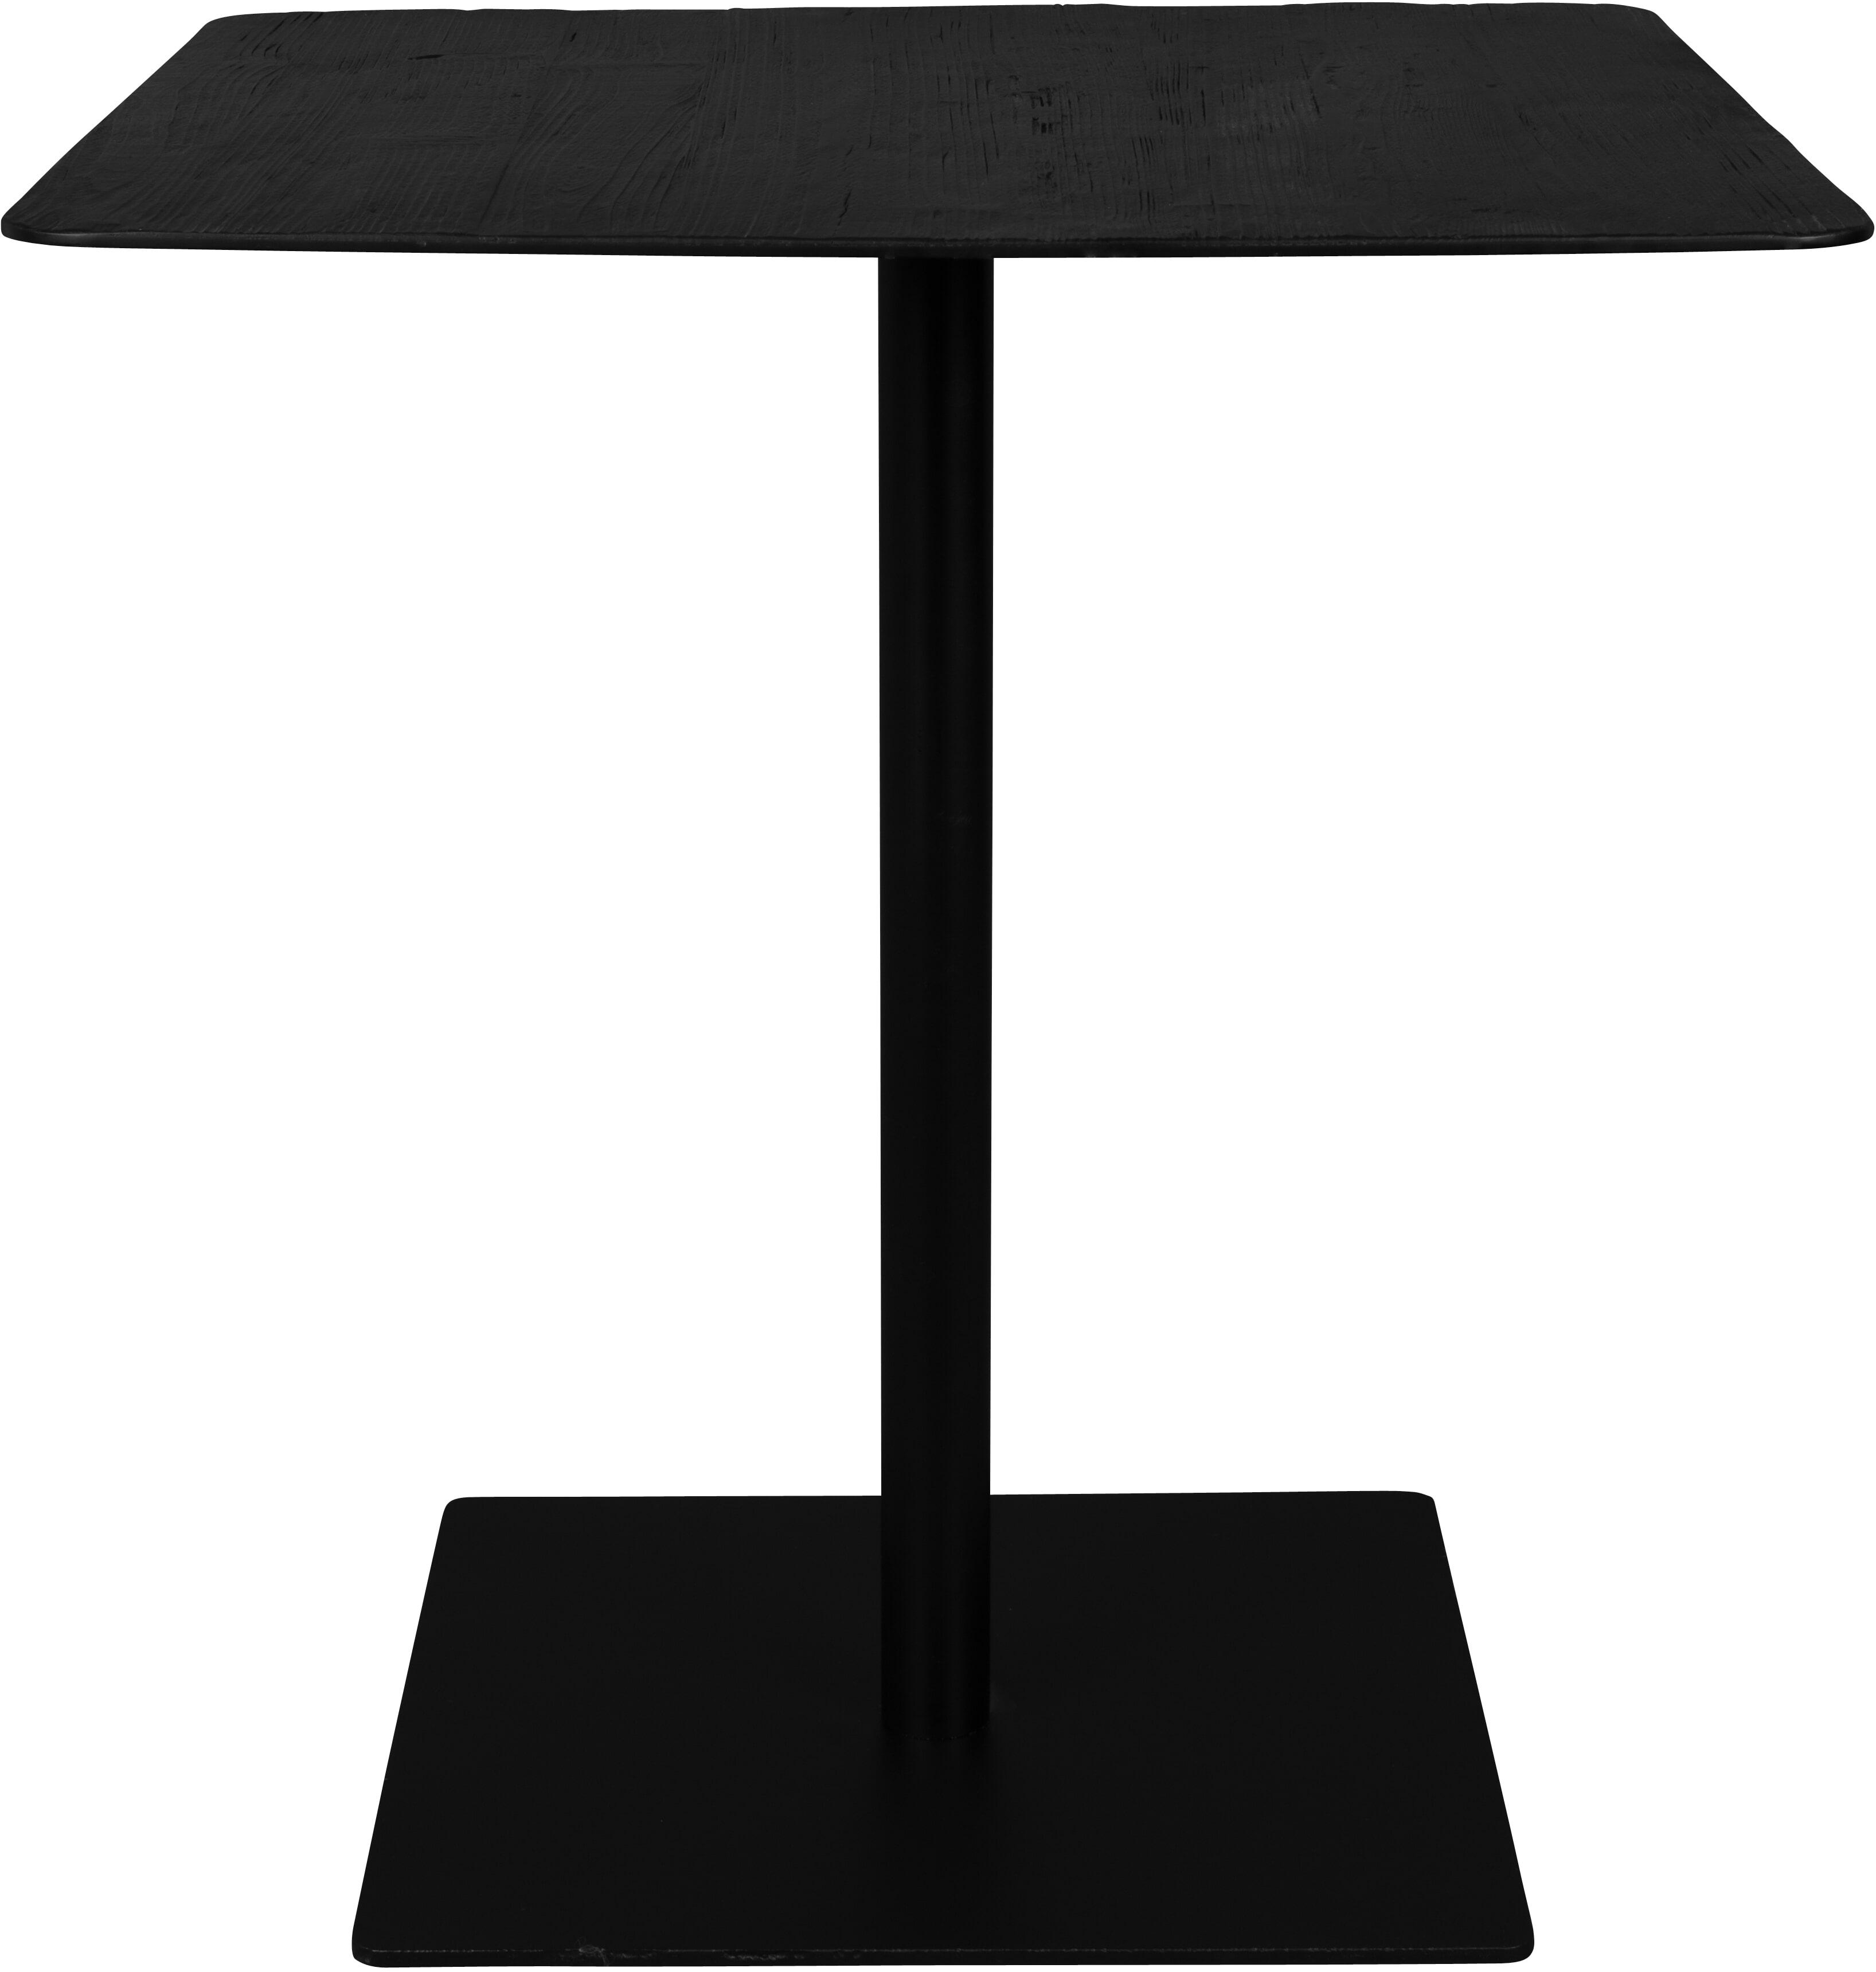 Dutchbone Vierkante Bistrotafel 'Braza' 70 x 70cm, kleur Zwart